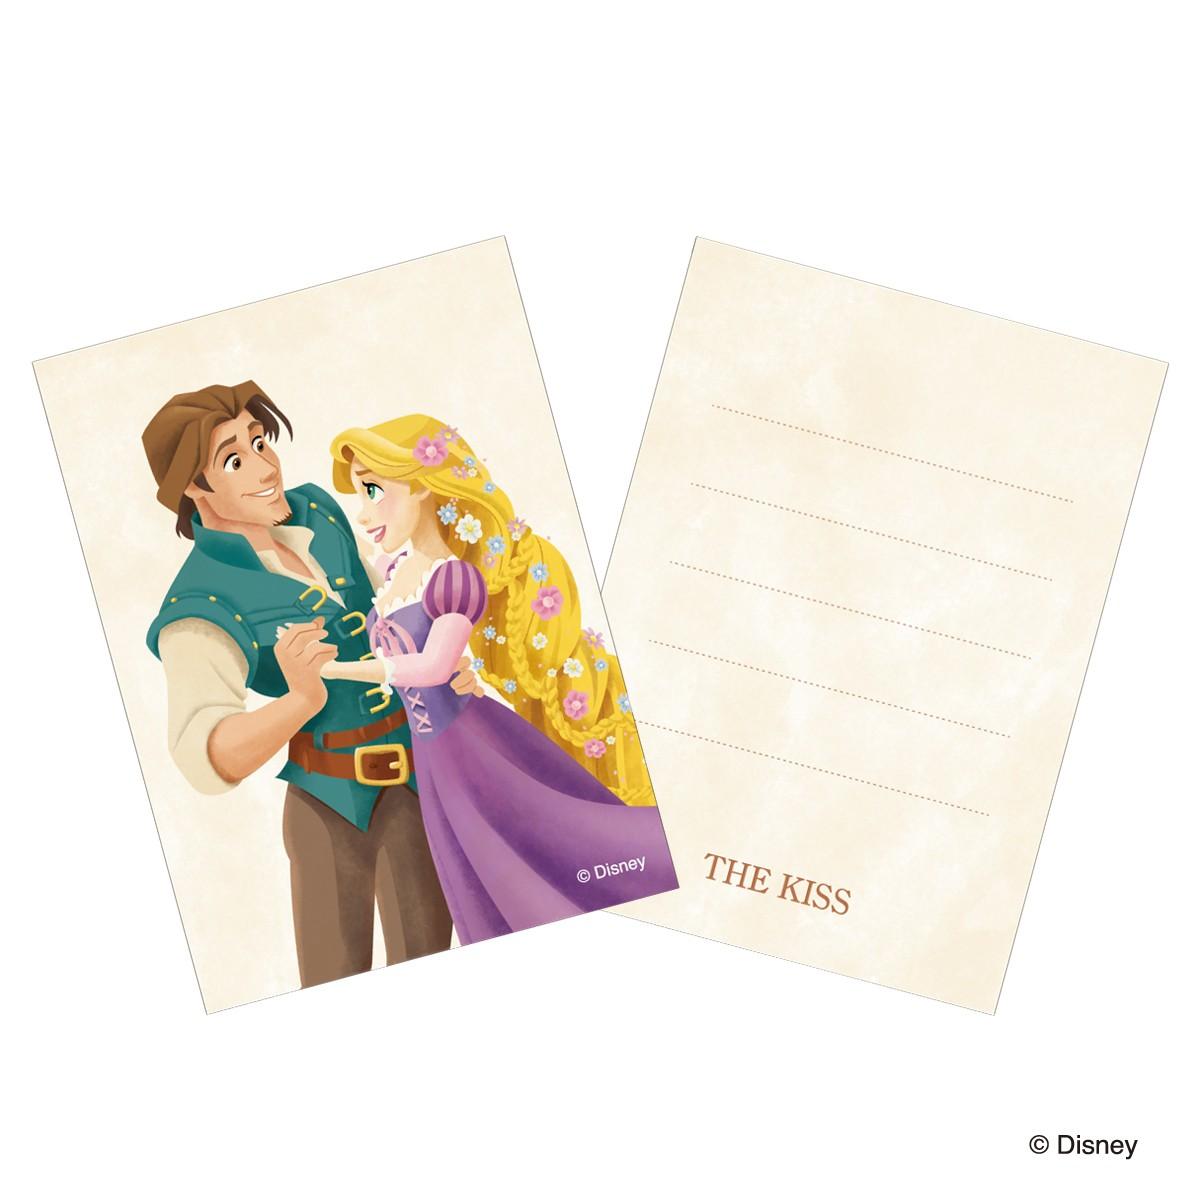 ディズニー ラプンツェル ネックレス ディズニープリンセス アクセサリー Disney rapunzel THE KISS ザキス ザキッス プレゼント 20代 30代 彼氏 誕生日 記念日 DI-SN2411CB